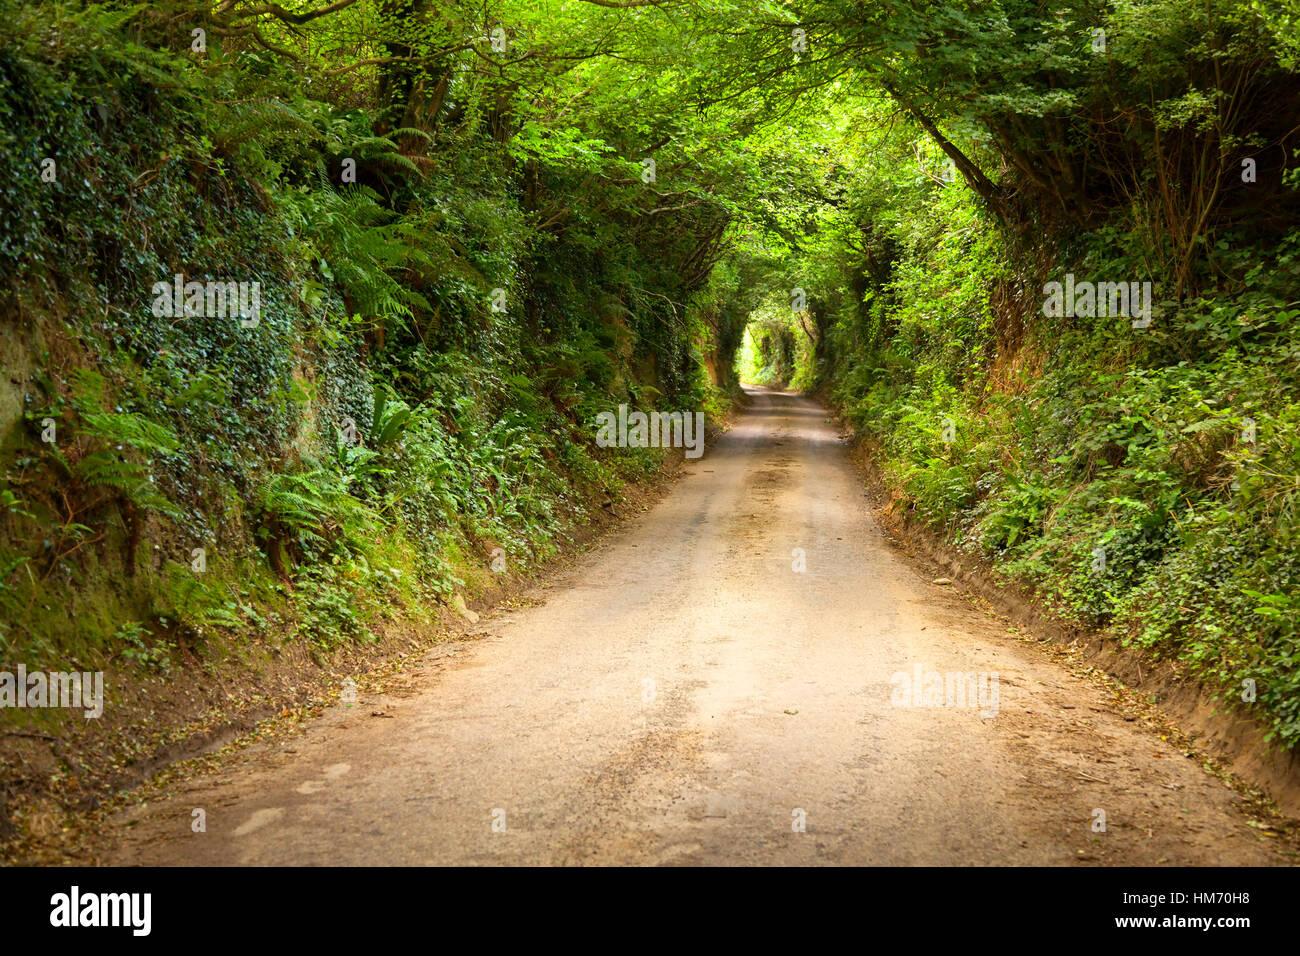 An overgrown sunken road/green way in Symondsbury, Dorset, England. - Stock Image